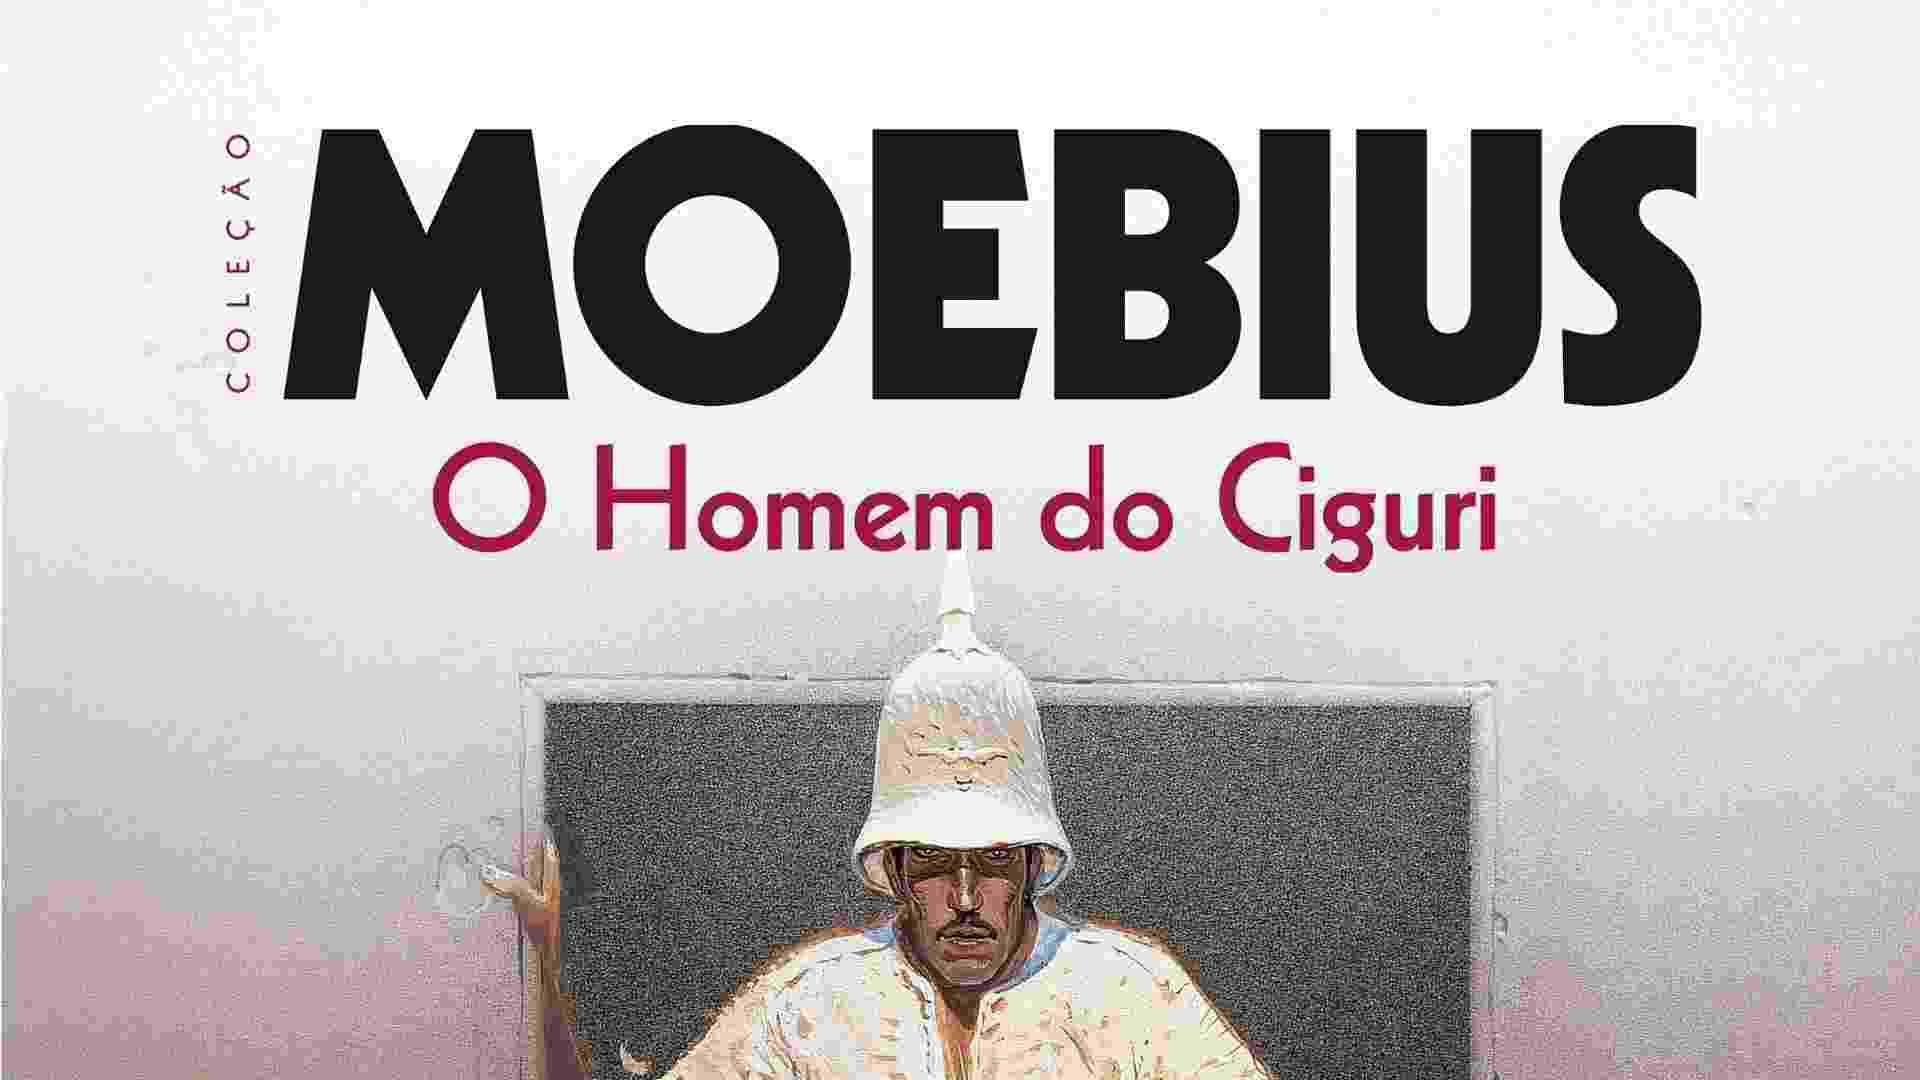 """Capa de """"O Homem do Ciguri"""", inédito do quadrinista francês Moebius lançado no Brasil. Editora: Nemo, Páginas: 56, Preço: 49,00 - Divulgação"""